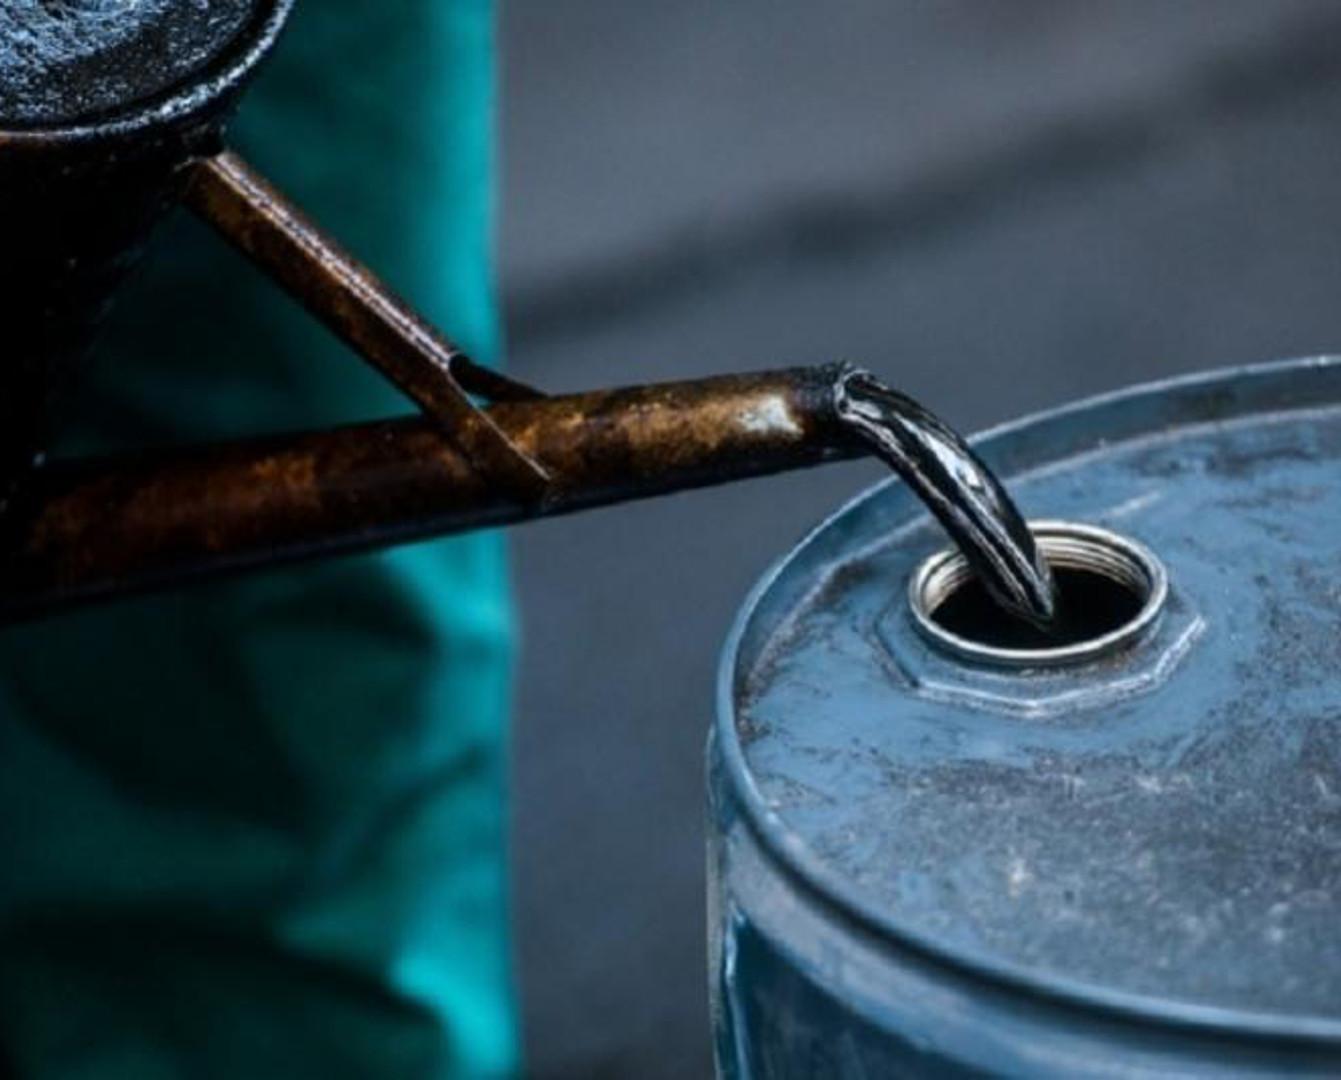 巴甫洛达尔石化厂石油加工量将提升1百万吨